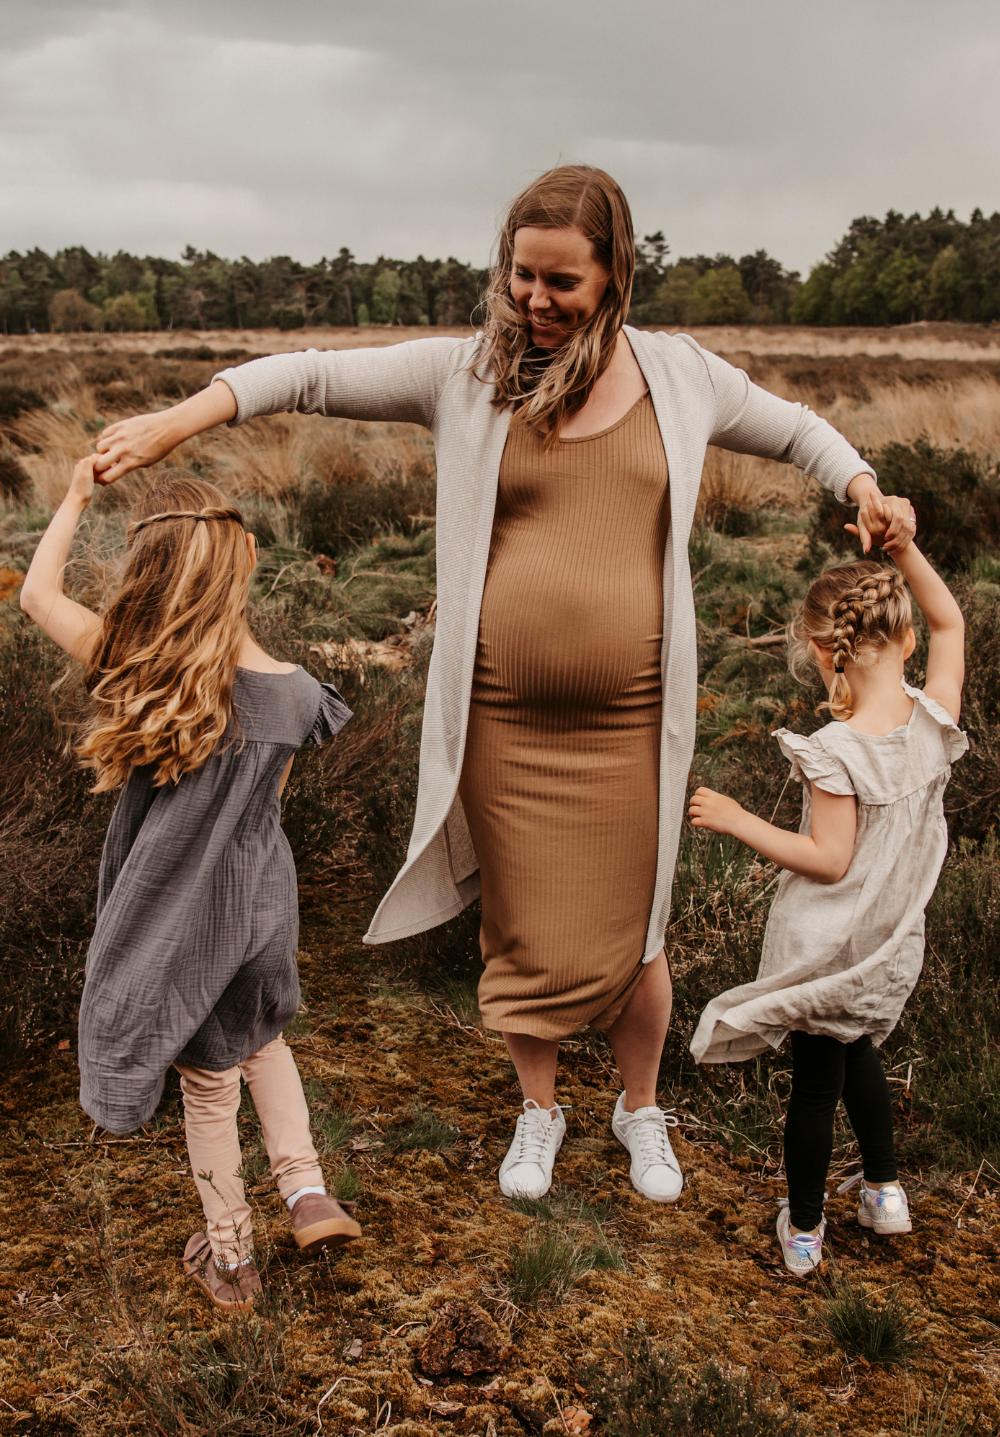 zwanger meisjesmama